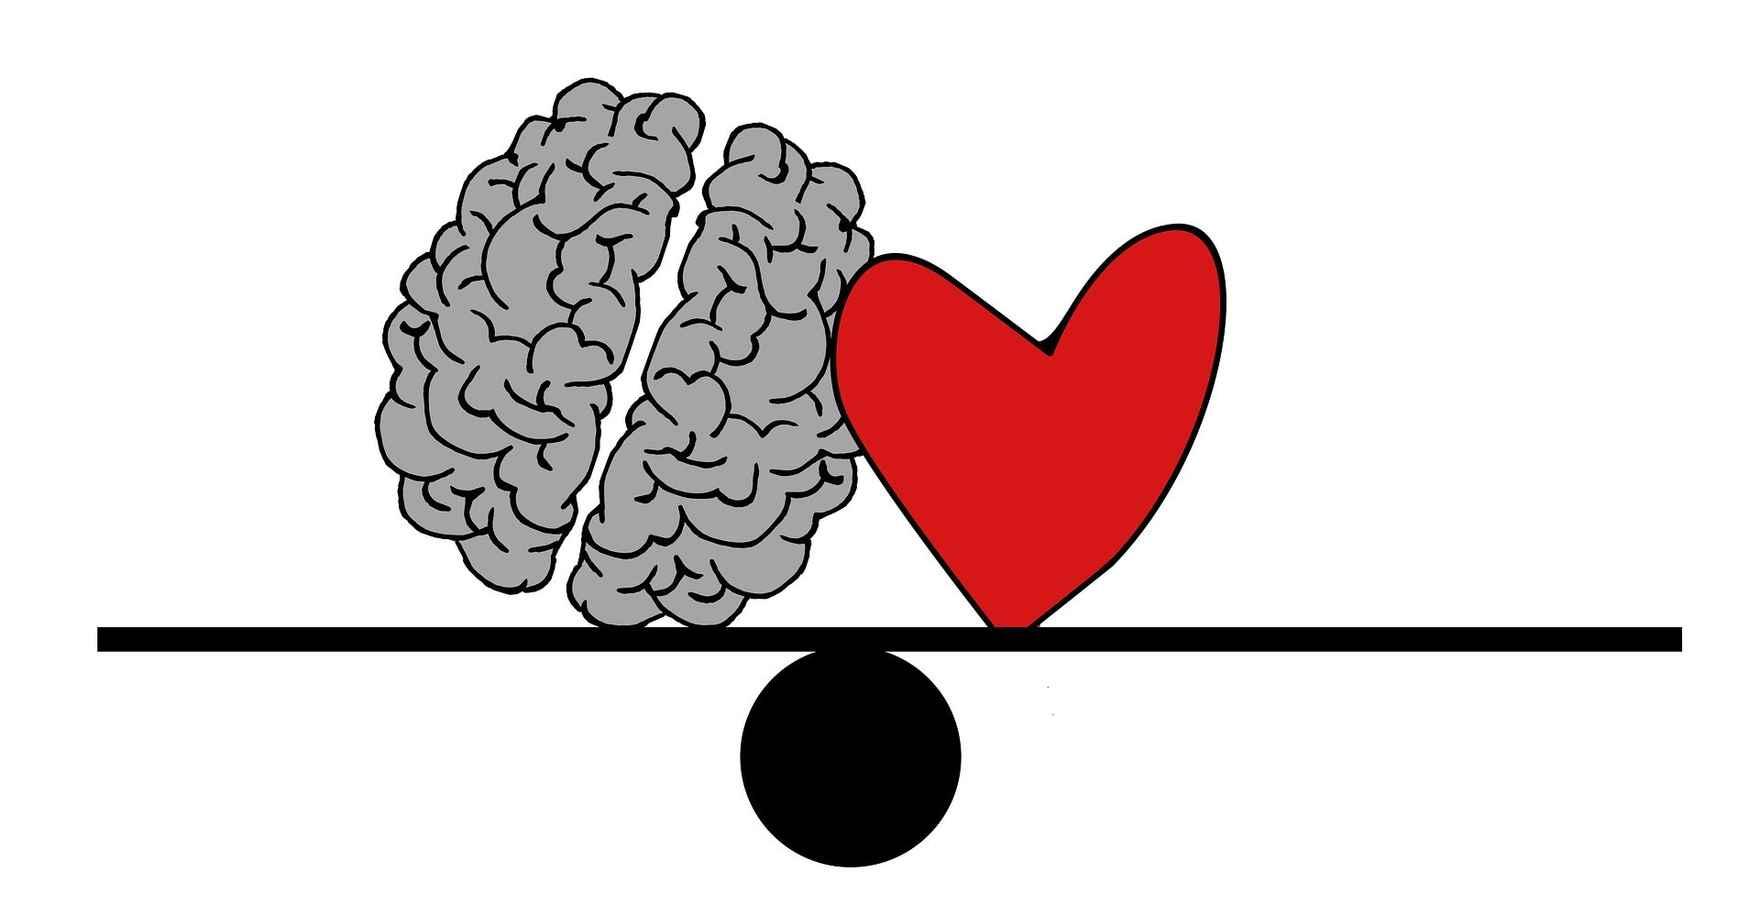 brain-2146157_1920 (1).jpg